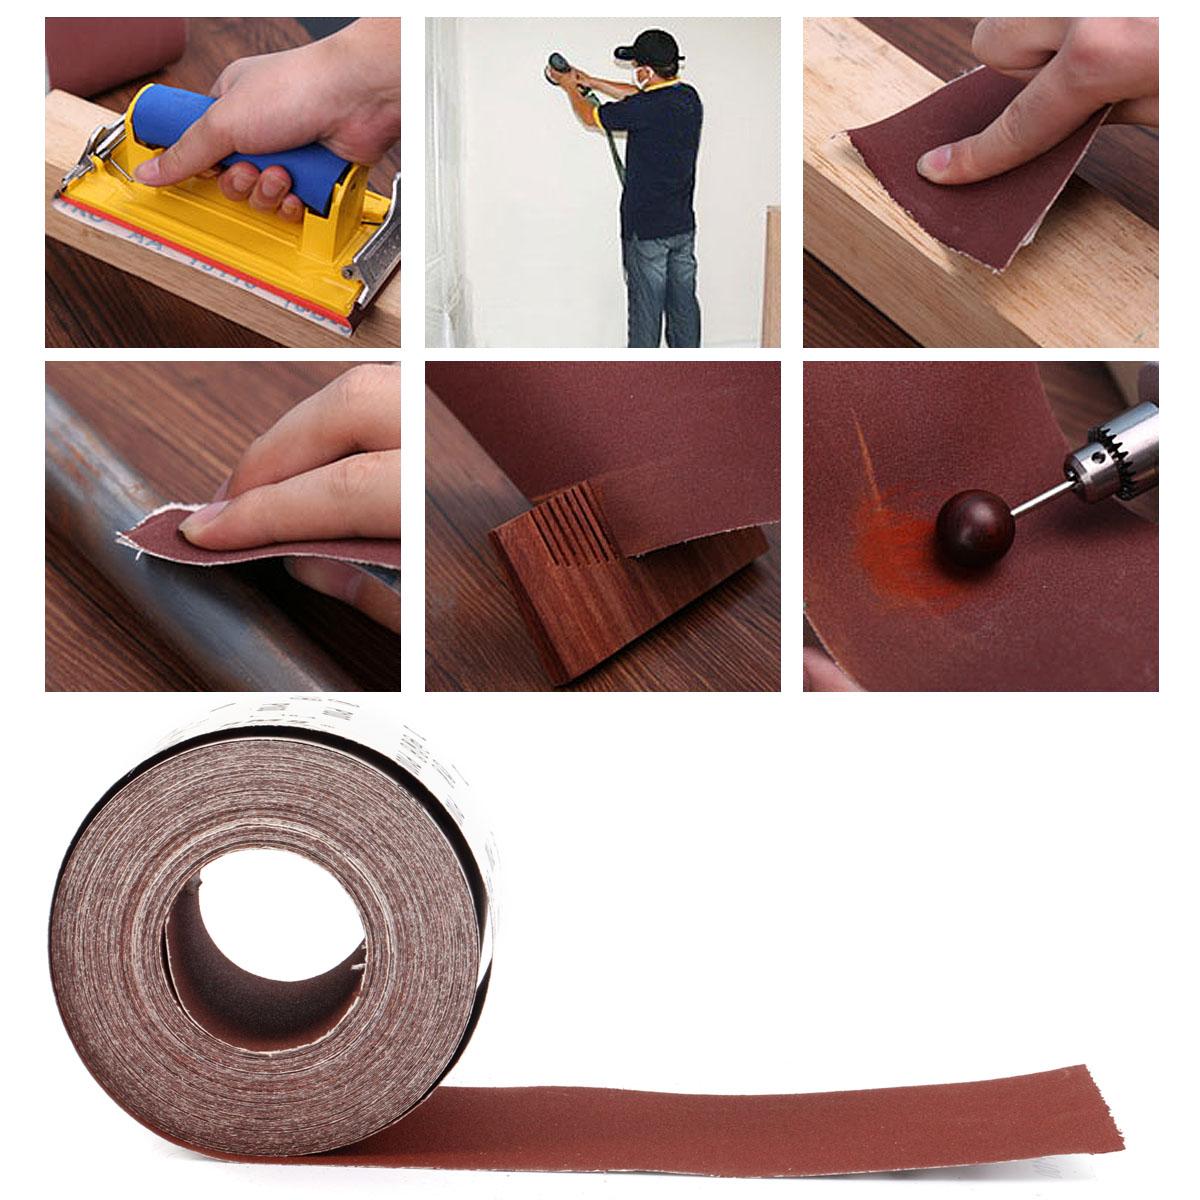 Hook /& Loop Sanding roll 115mm wide per metre grits 60,80,120,180,240,320